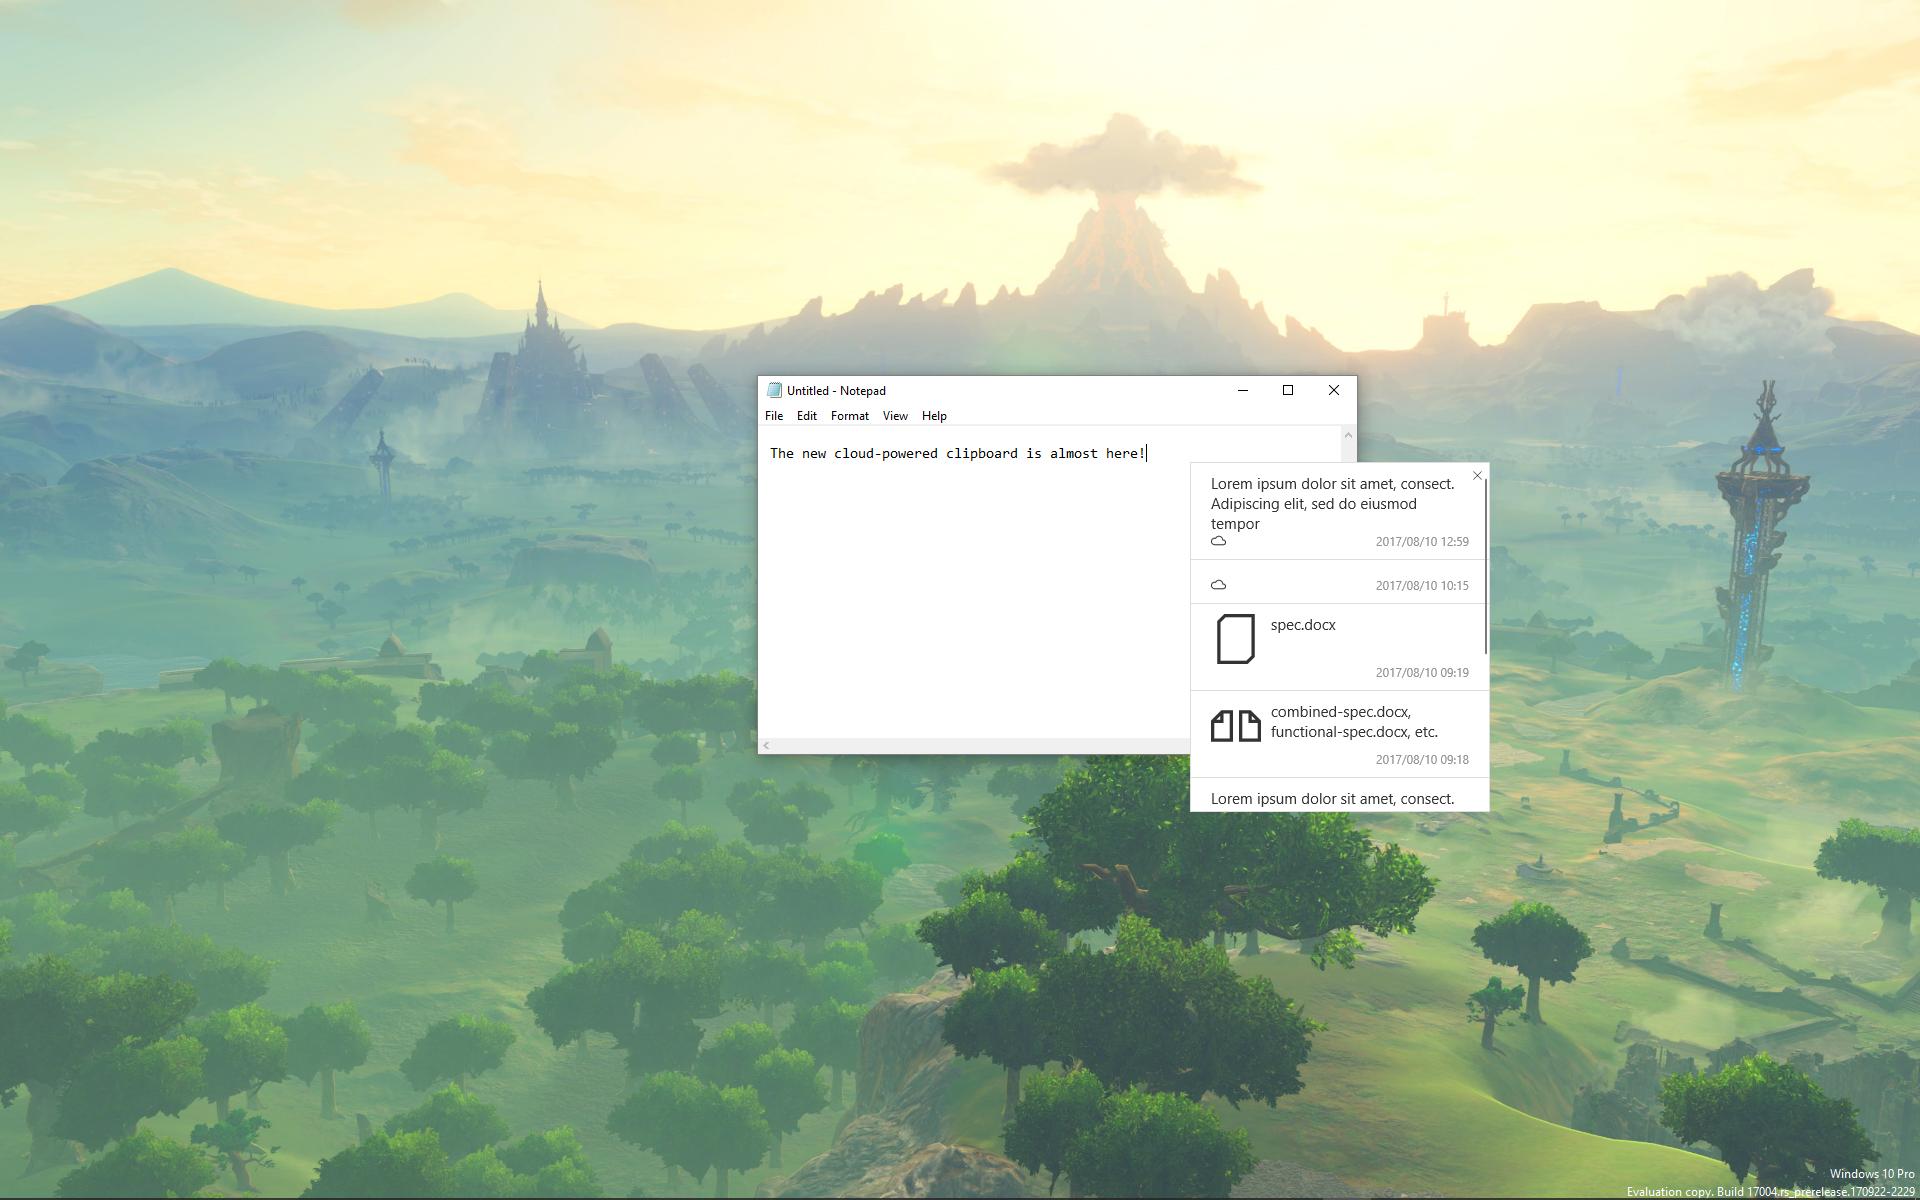 Обновление Windows 10 Build 16299.15 доступно для кольца Fast